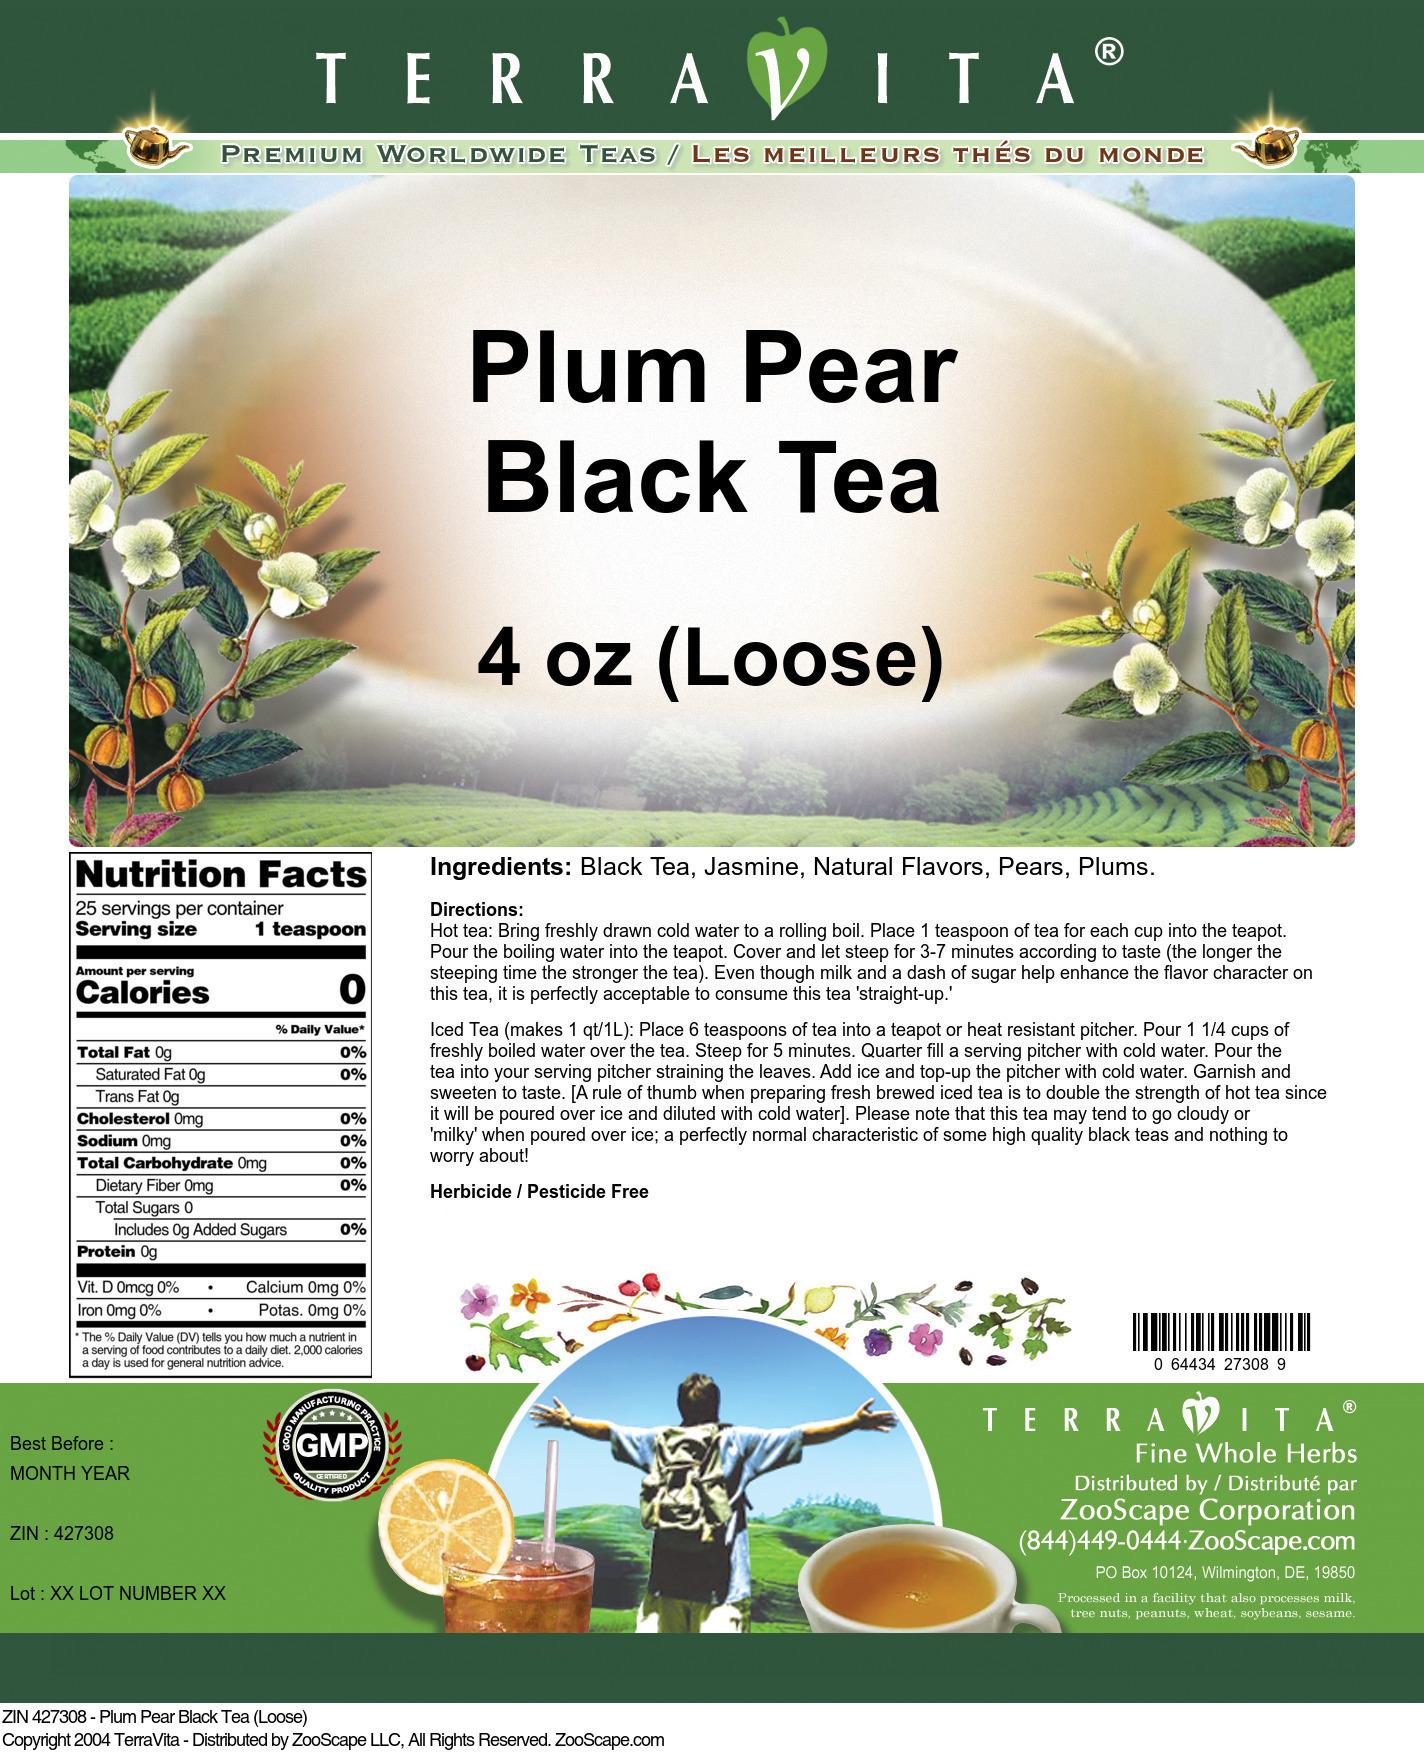 Plum Pear Black Tea (Loose)